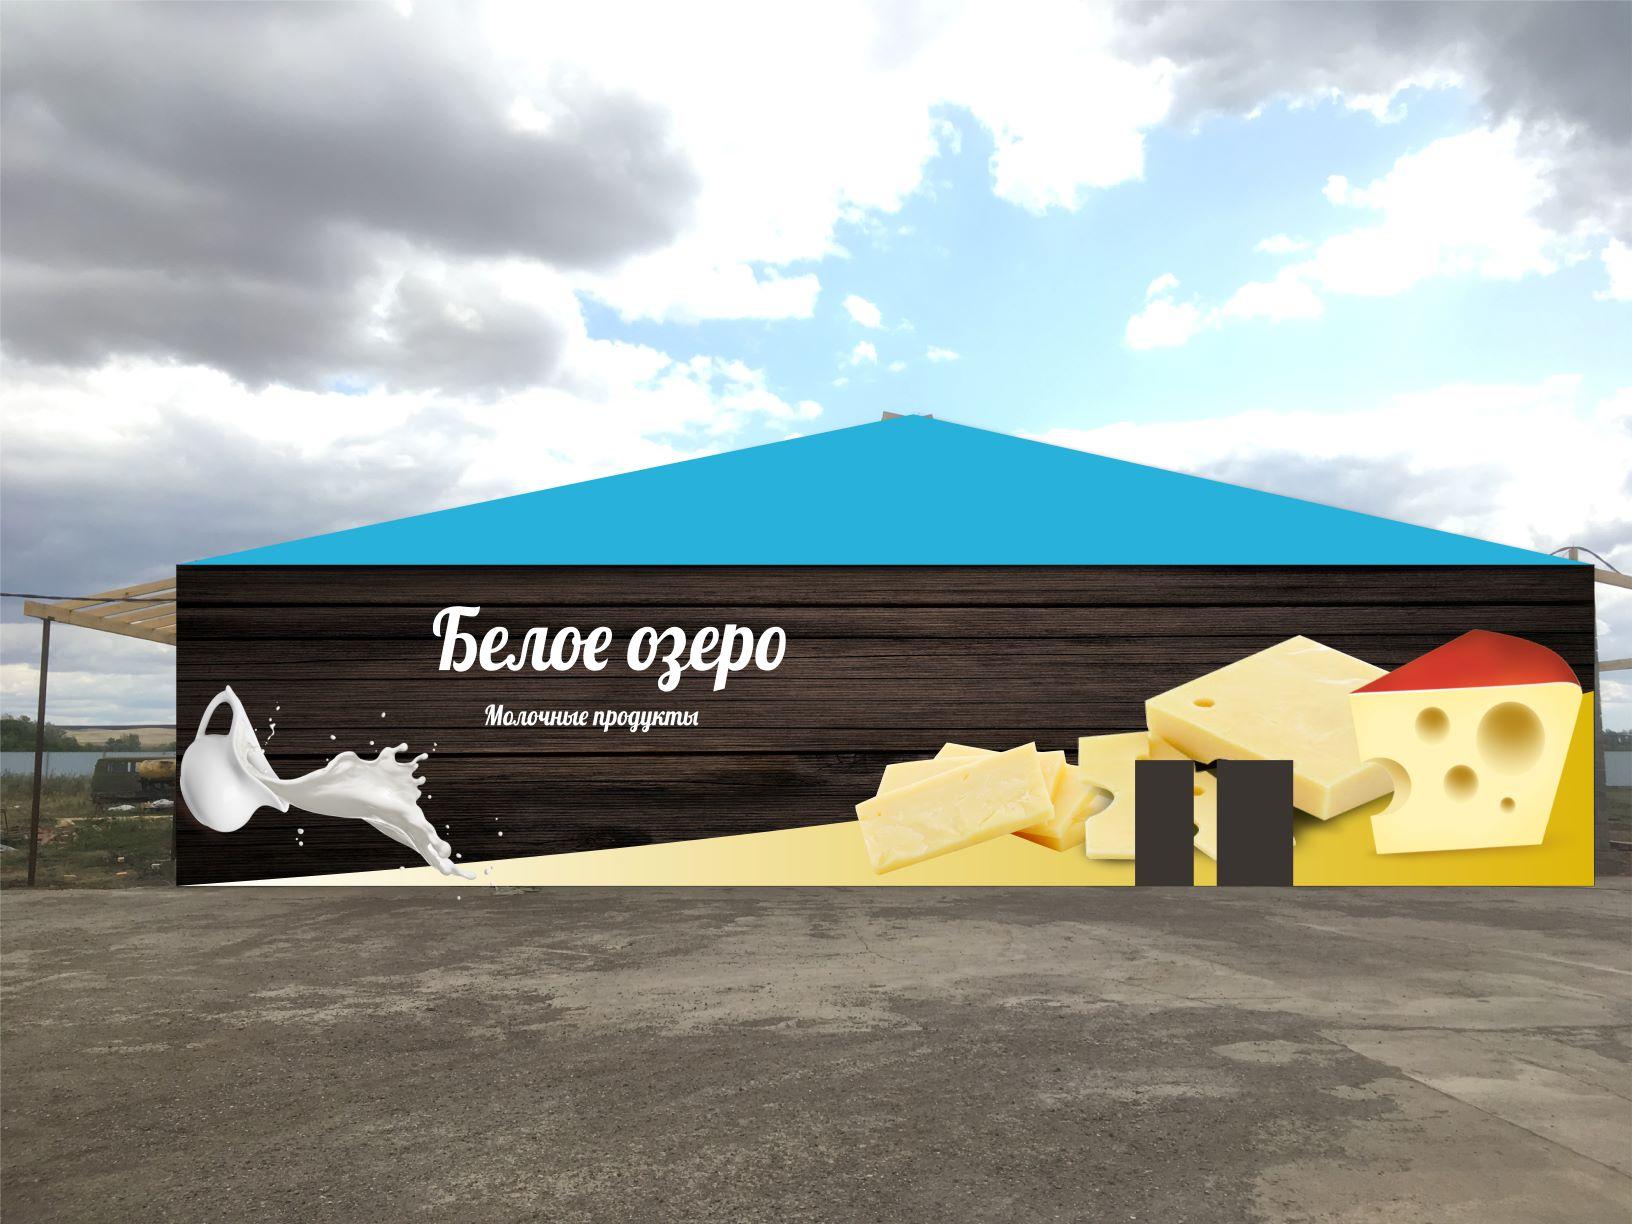 Дизайн граффити на фасад сырзавода фото f_0615d795802ac5ff.jpg